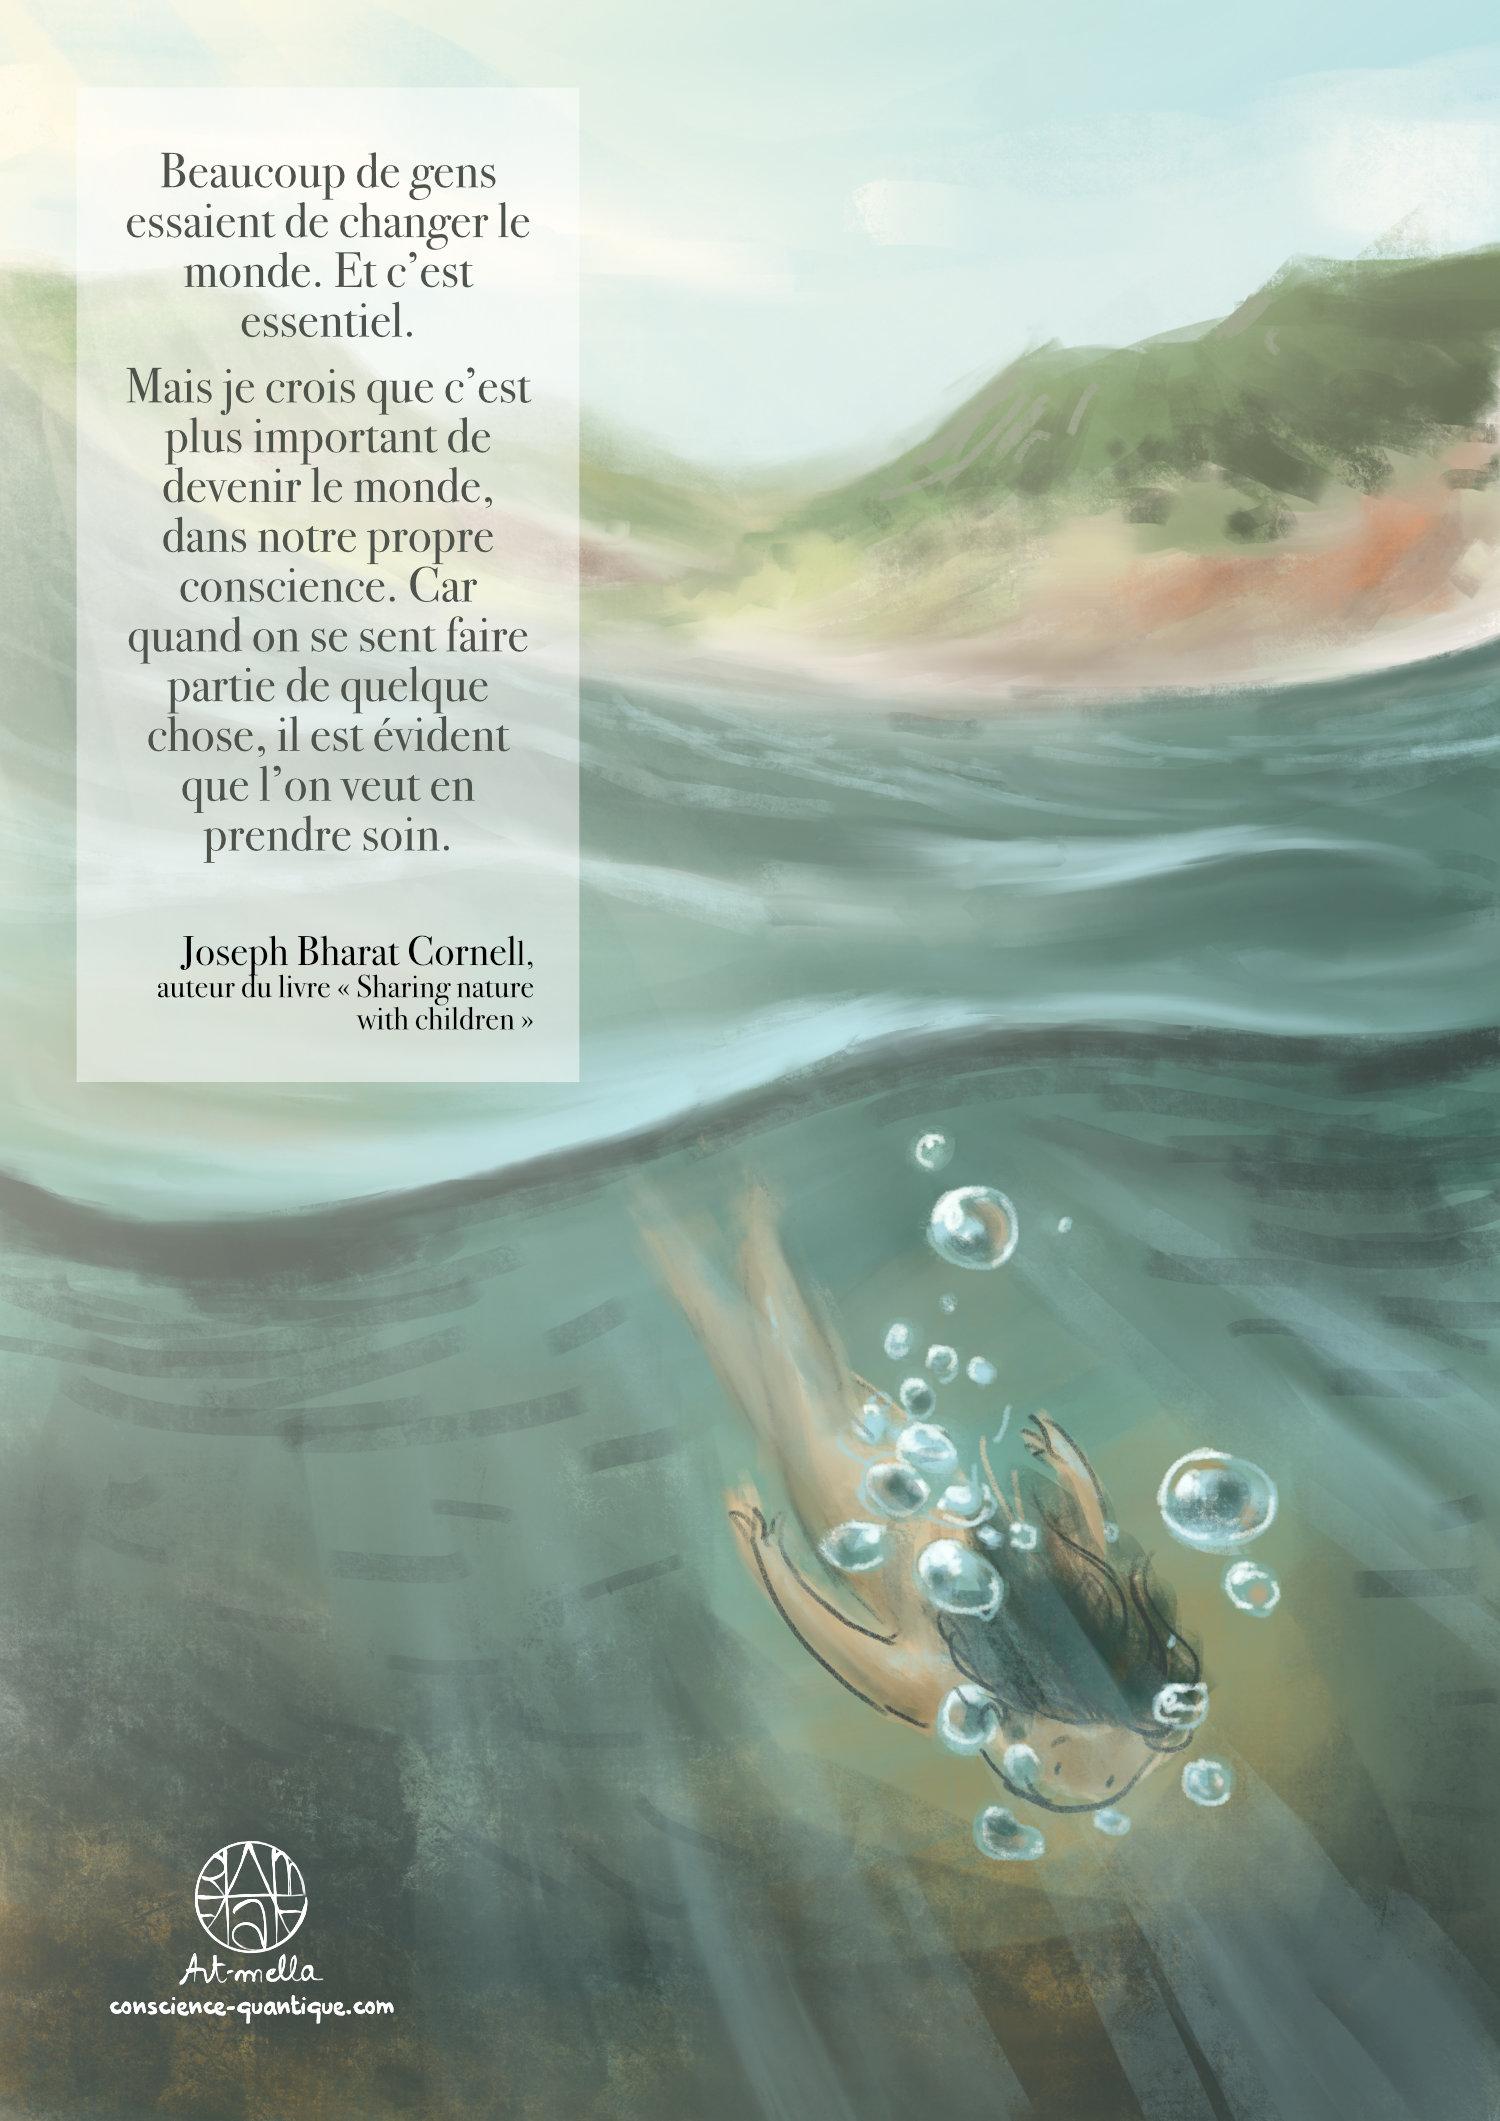 """Dessin d'Art-mella nageant dans le lac du Salagou, en harmonie avec les éléments. """"Beaucoup de gens essaient de changer le monde. Et c'est essentiel. Mais je crois que c'est plus important de devenir le monde, dans notre conscience. Car quand on se sent faire partie de quelque chose, il est évident que l'on veut en prendre soin."""" - Joseph Bharat Cornell, auteur du livre """"Sharing nature with children"""""""